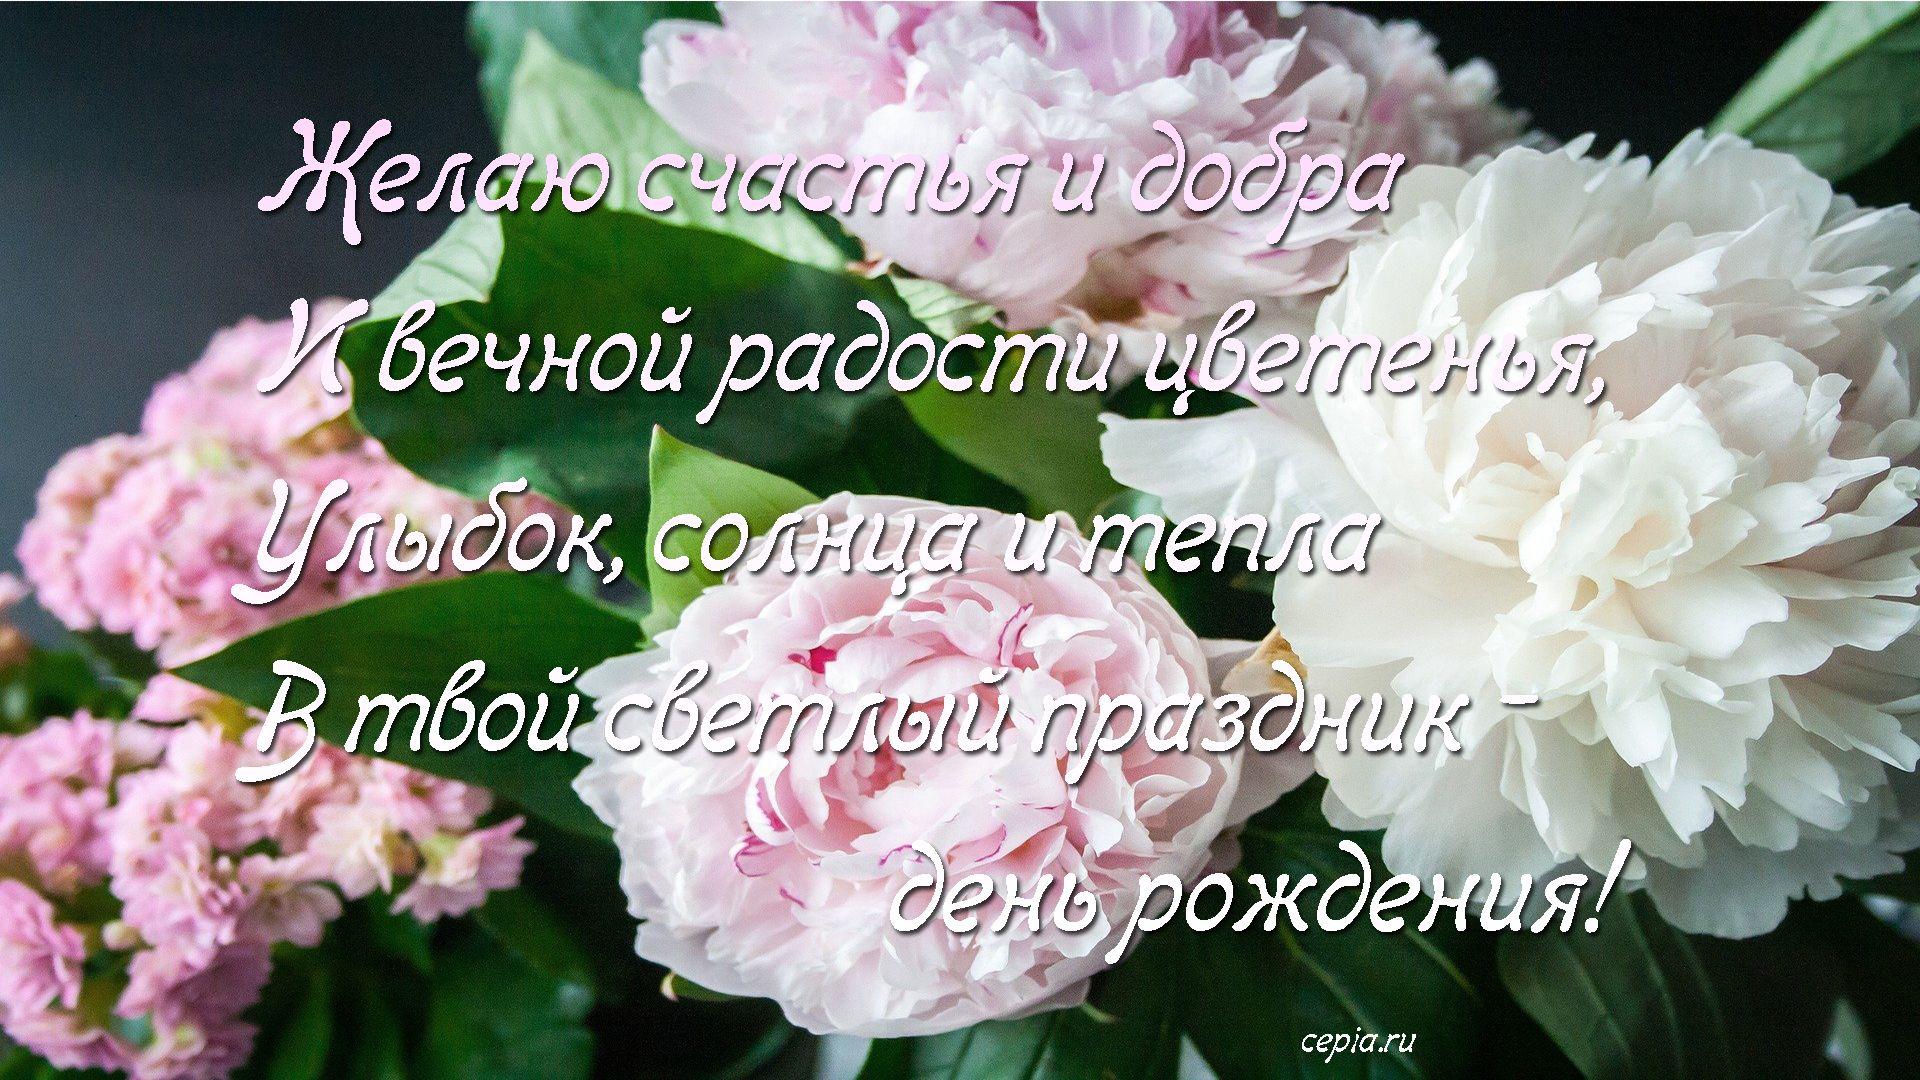 Красивые стихи женщине С Днем рождения